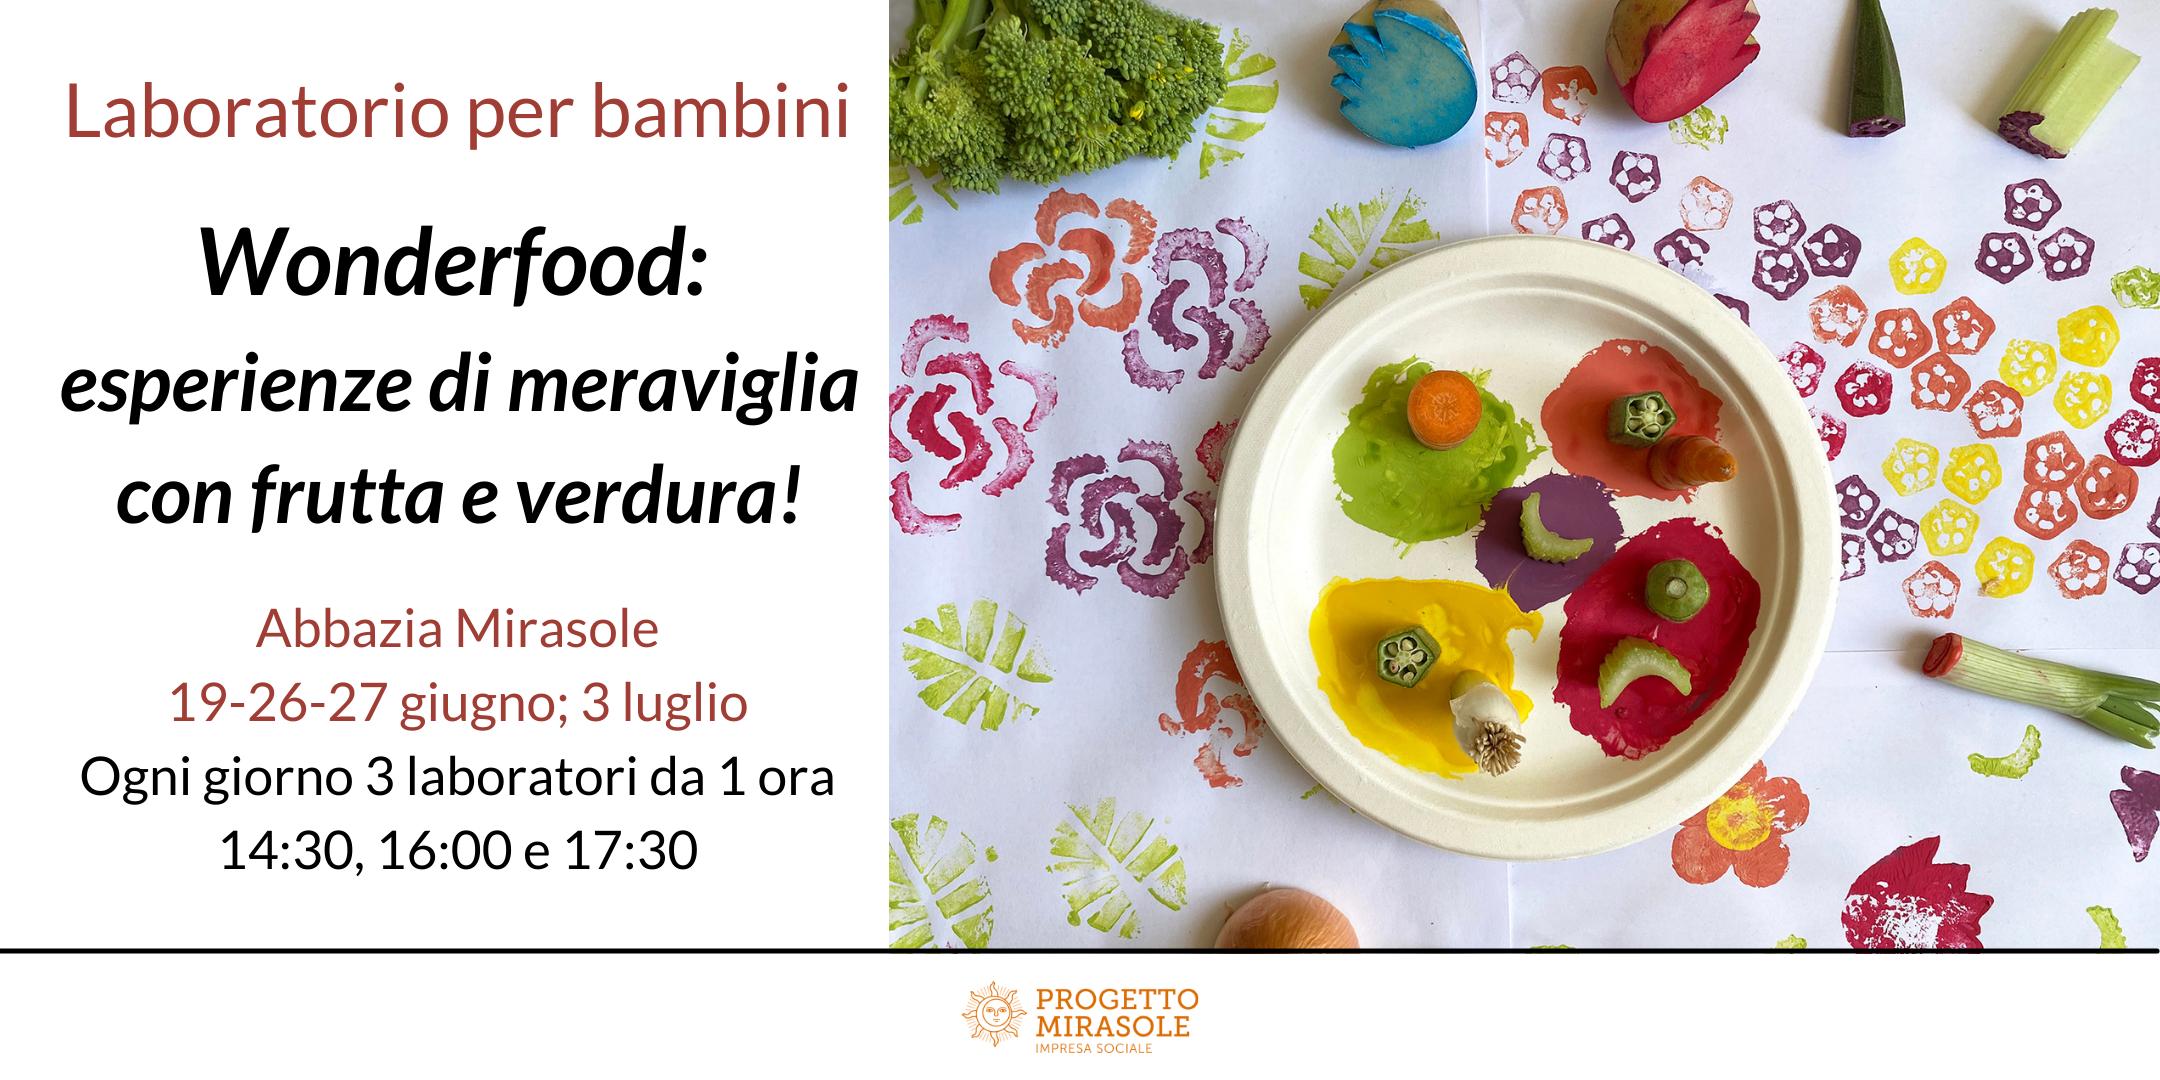 """Sabato 19 giugno in Abbazia arriva """"Wonderfood- esperienze di Meraviglia con frutta e verdura"""""""